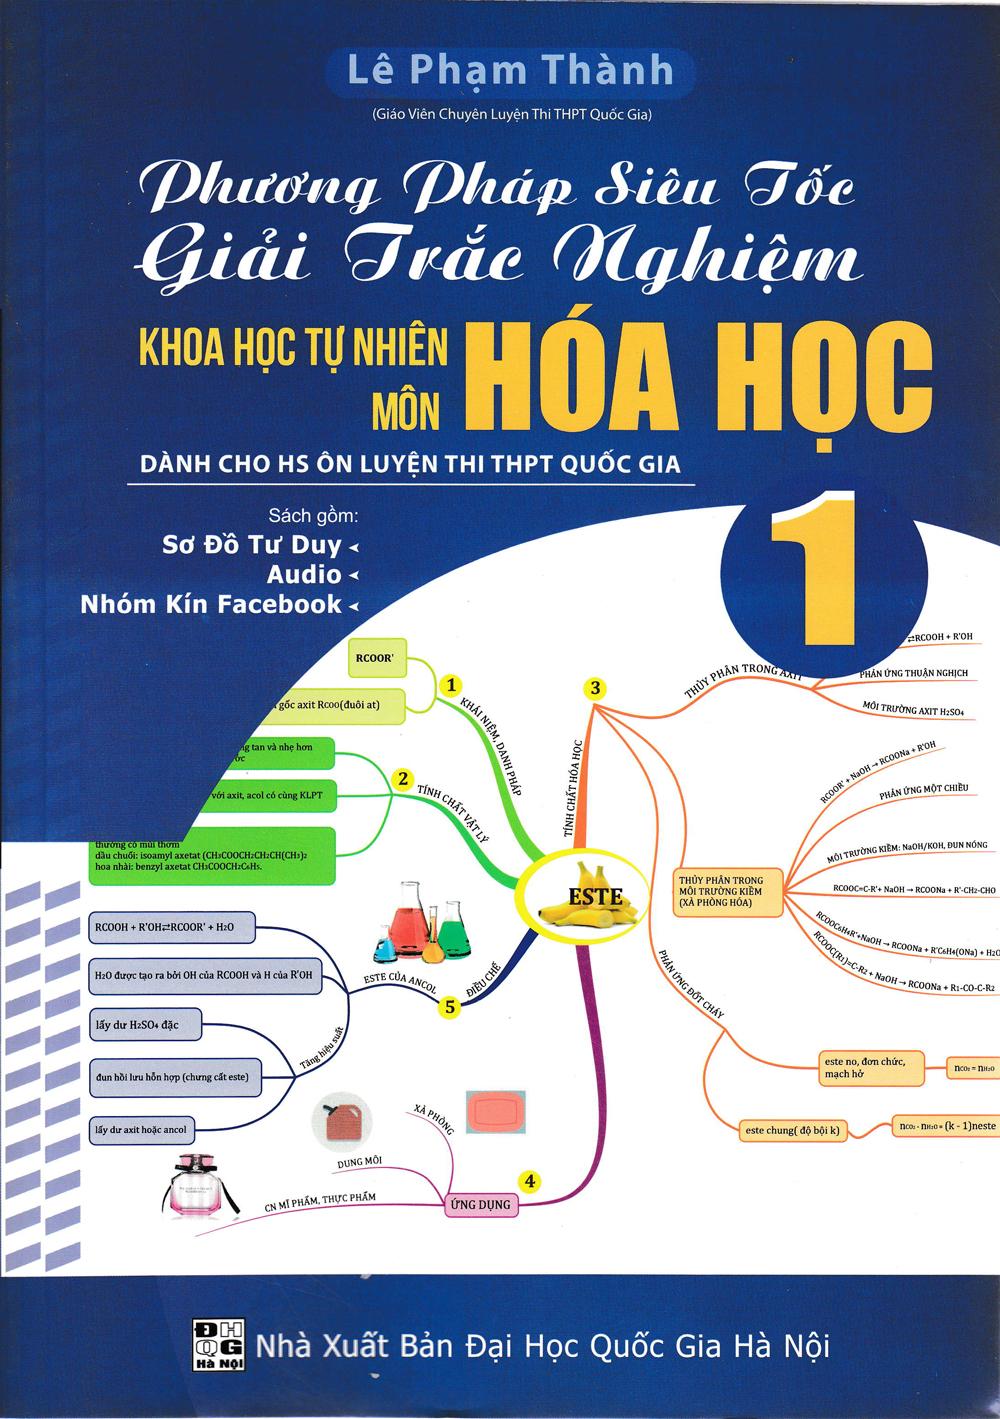 Phương Pháp Siêu Tốc Giải Trắc Nghiệm Môn Hóa Học 1 (Sơ Đồ Mindmap) - EBOOK/PDF/PRC/EPUB